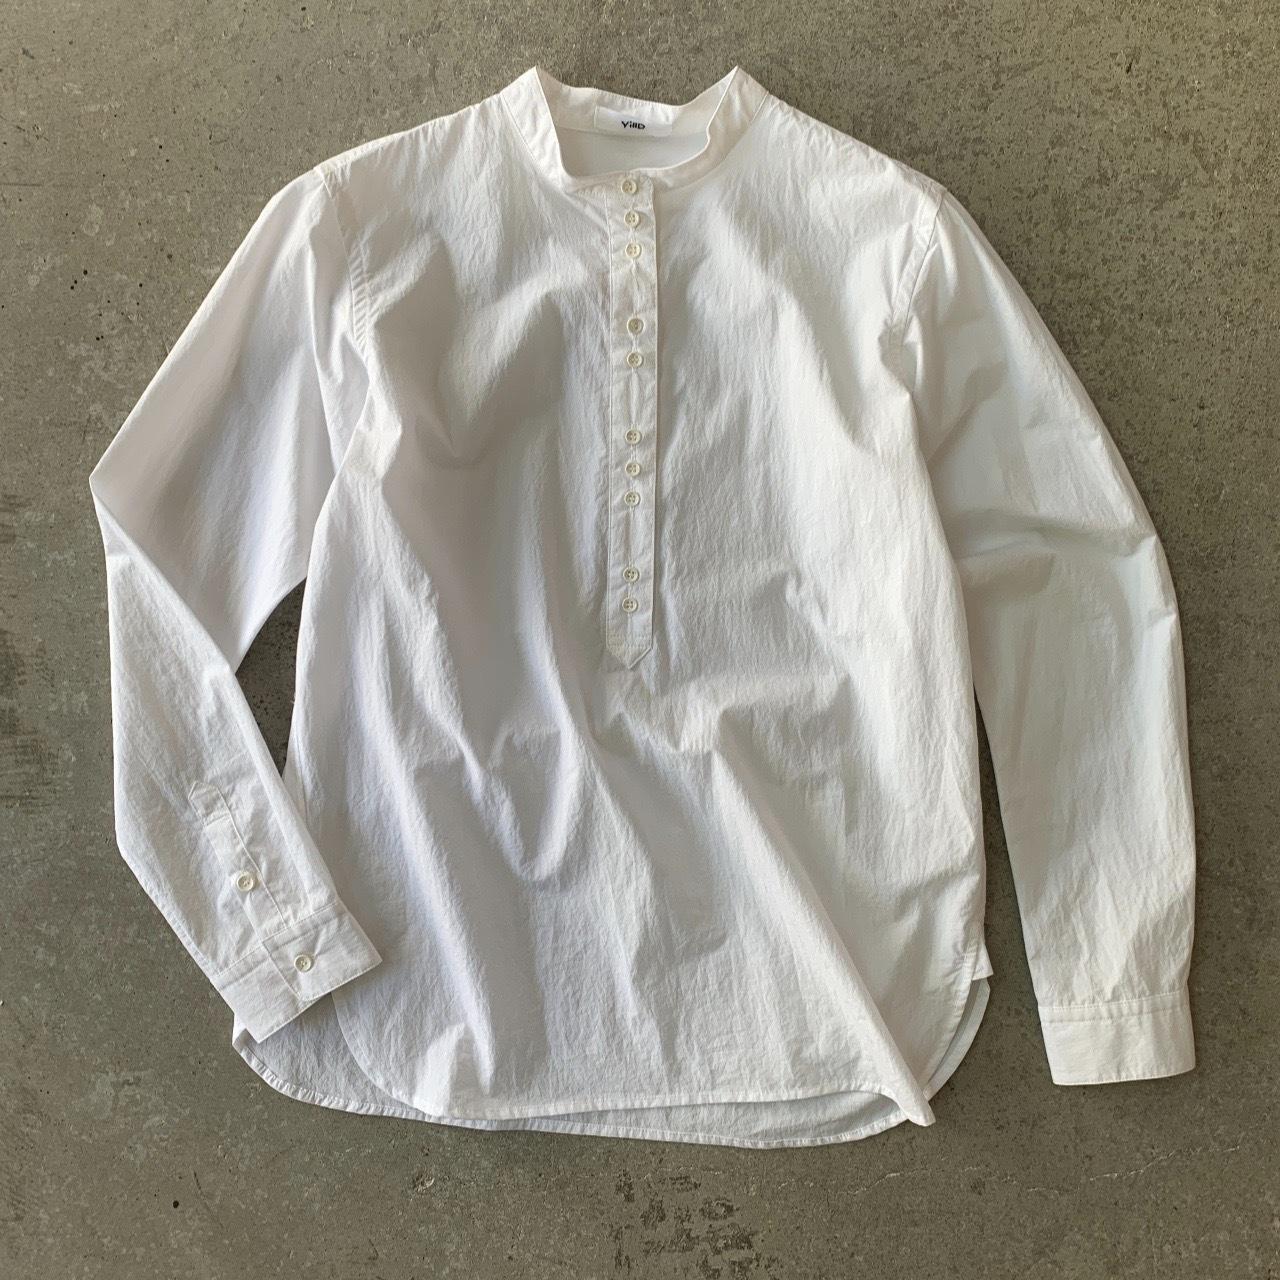 VillD - stand collar shirt